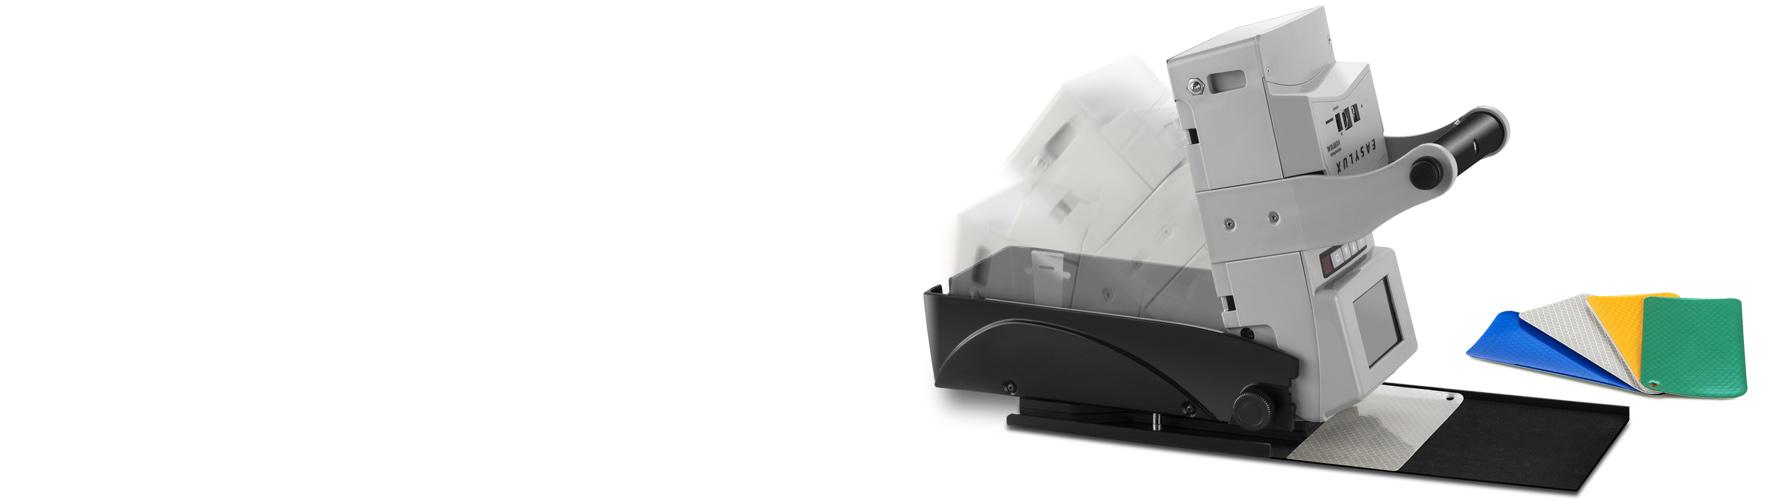 Retroreflectómetro Vertical. ISO 20471 y UNE 135340 compatible.